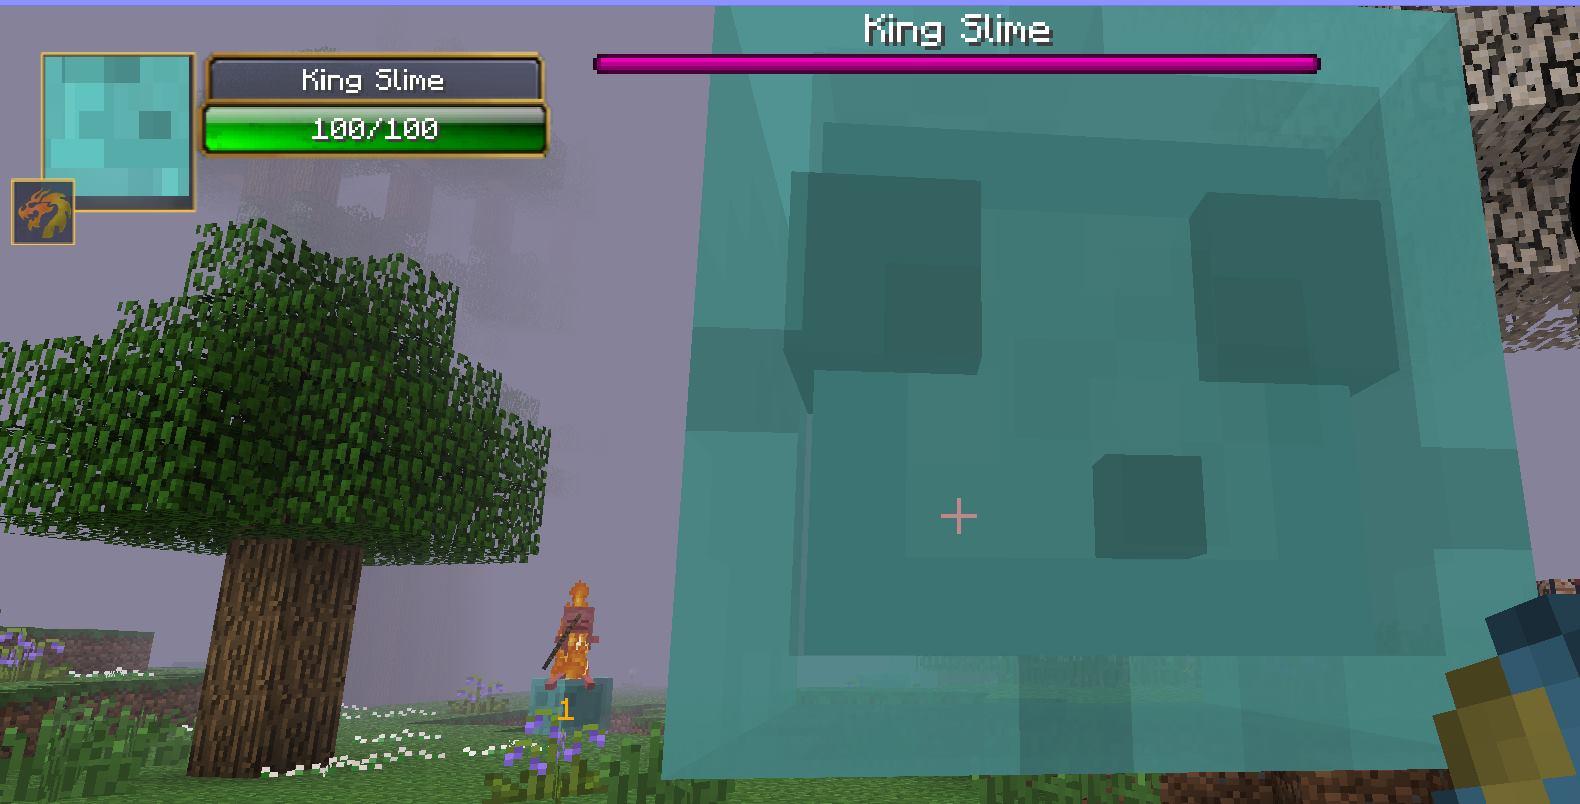 King Slime | Hexxit Wiki | FANDOM powered by Wikia